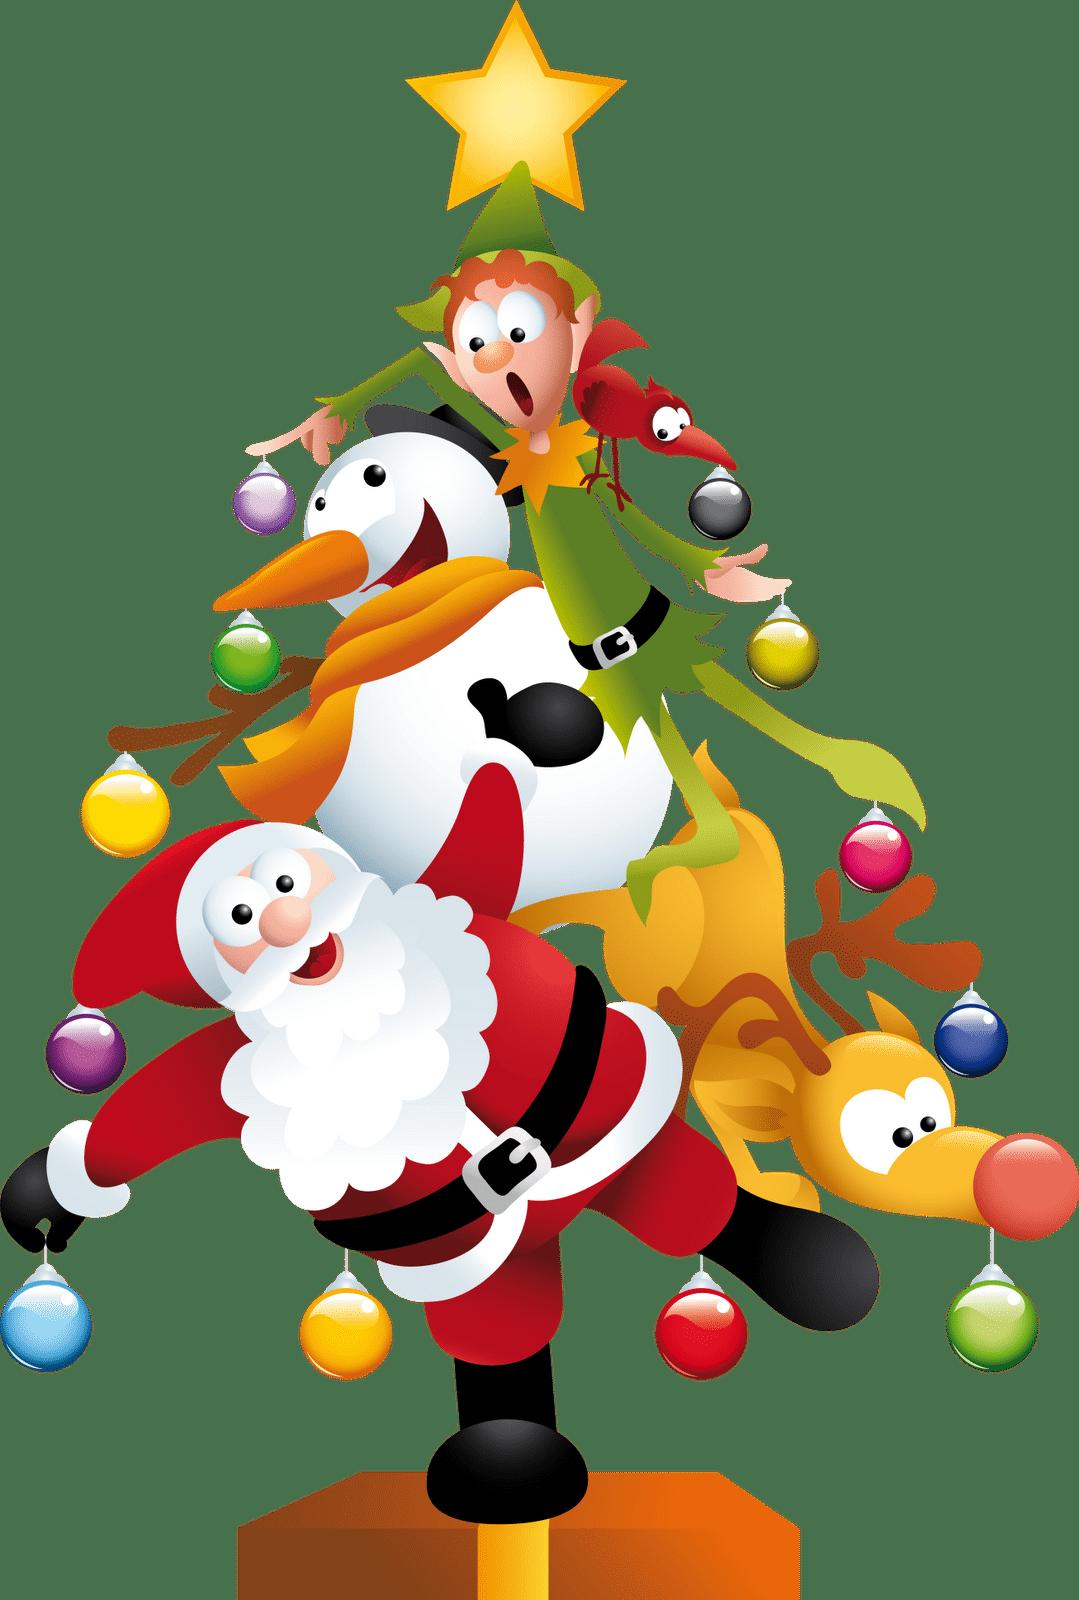 Papai Noel Png